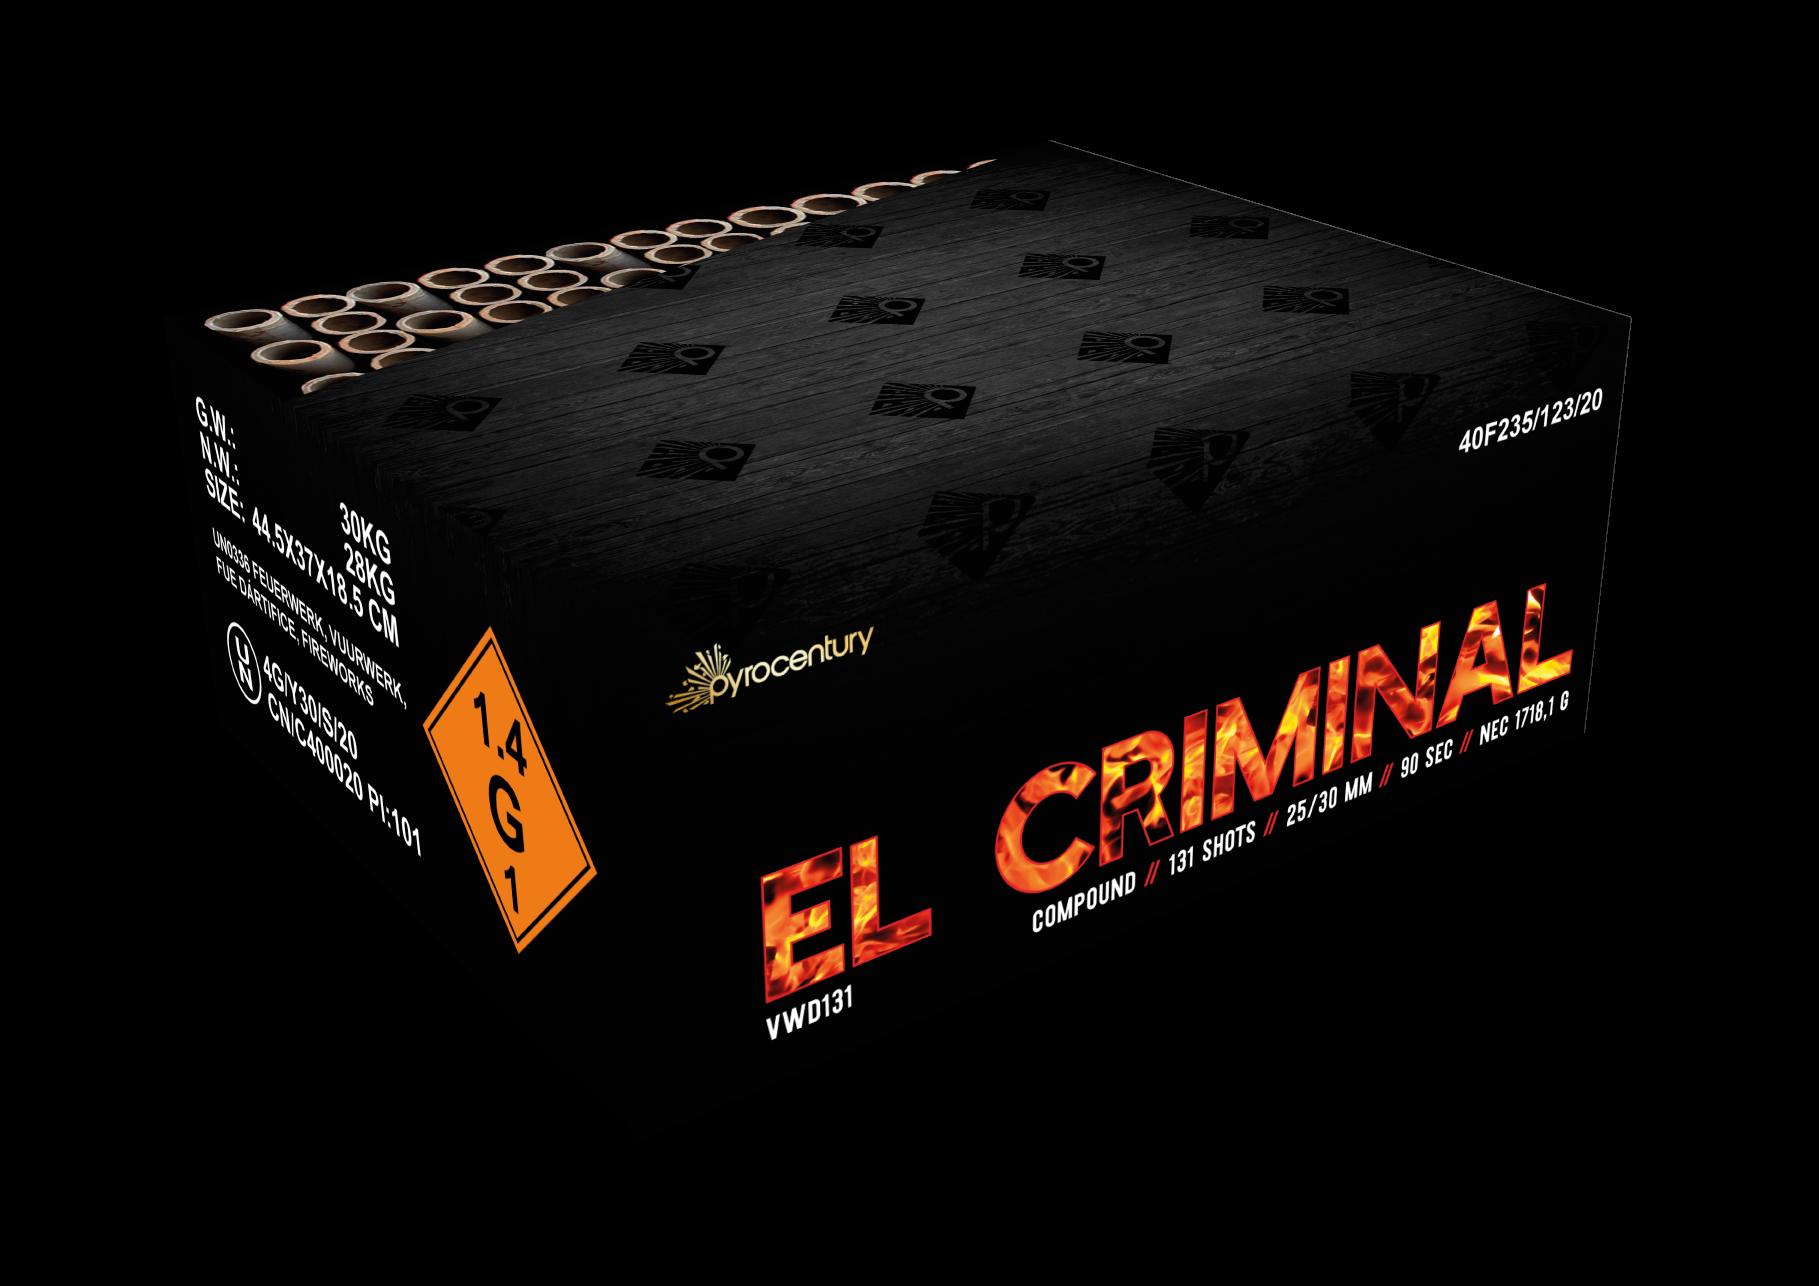 VWD El Criminal 131 Schots Compound